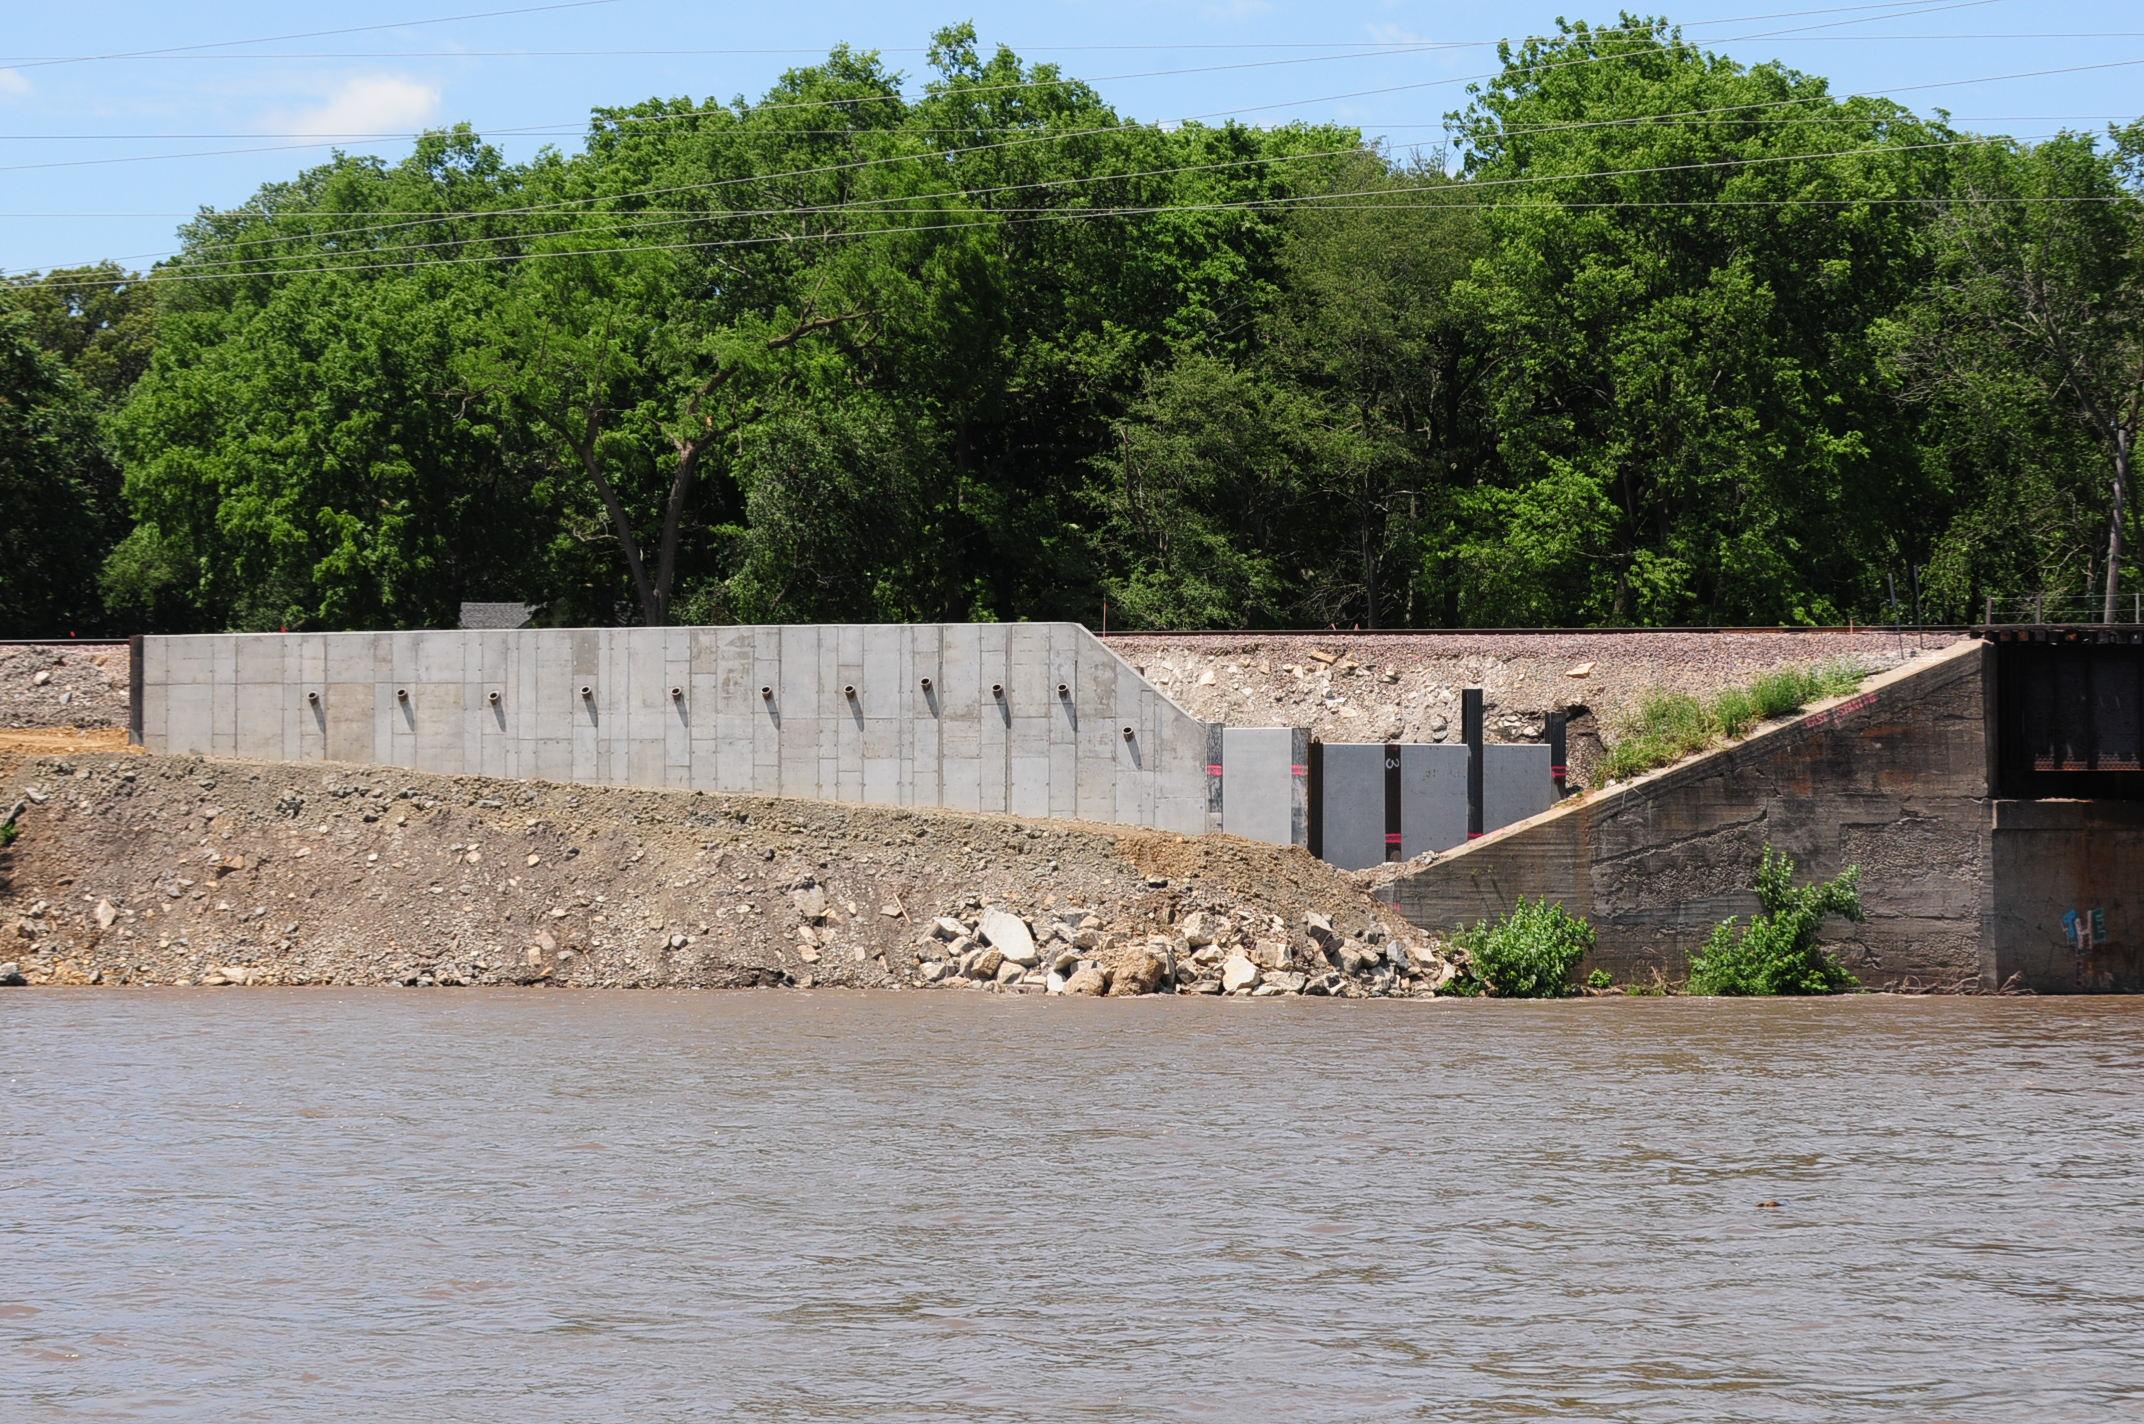 Kankakee River 6.16.17 west bank